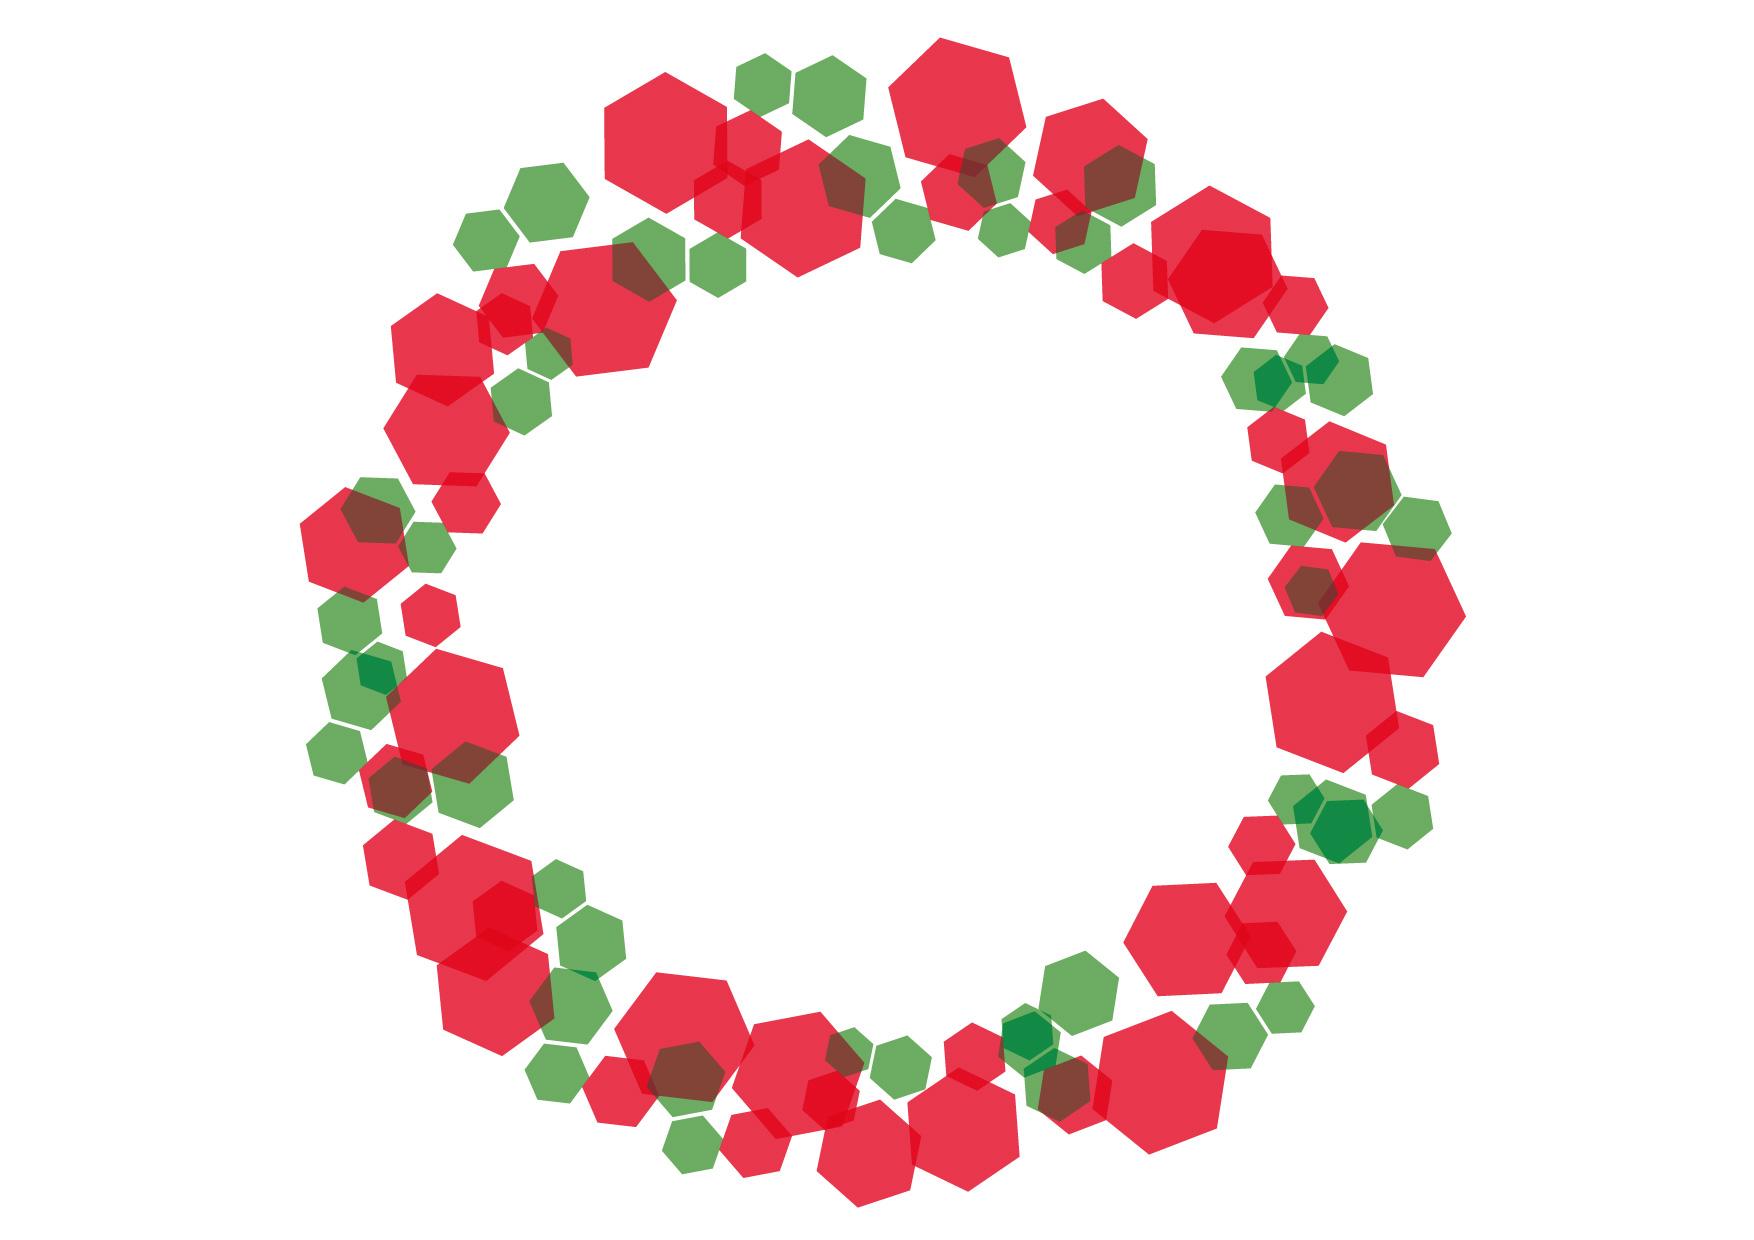 六角形 キラキラ フレーム クリスマスカラー イラスト 無料